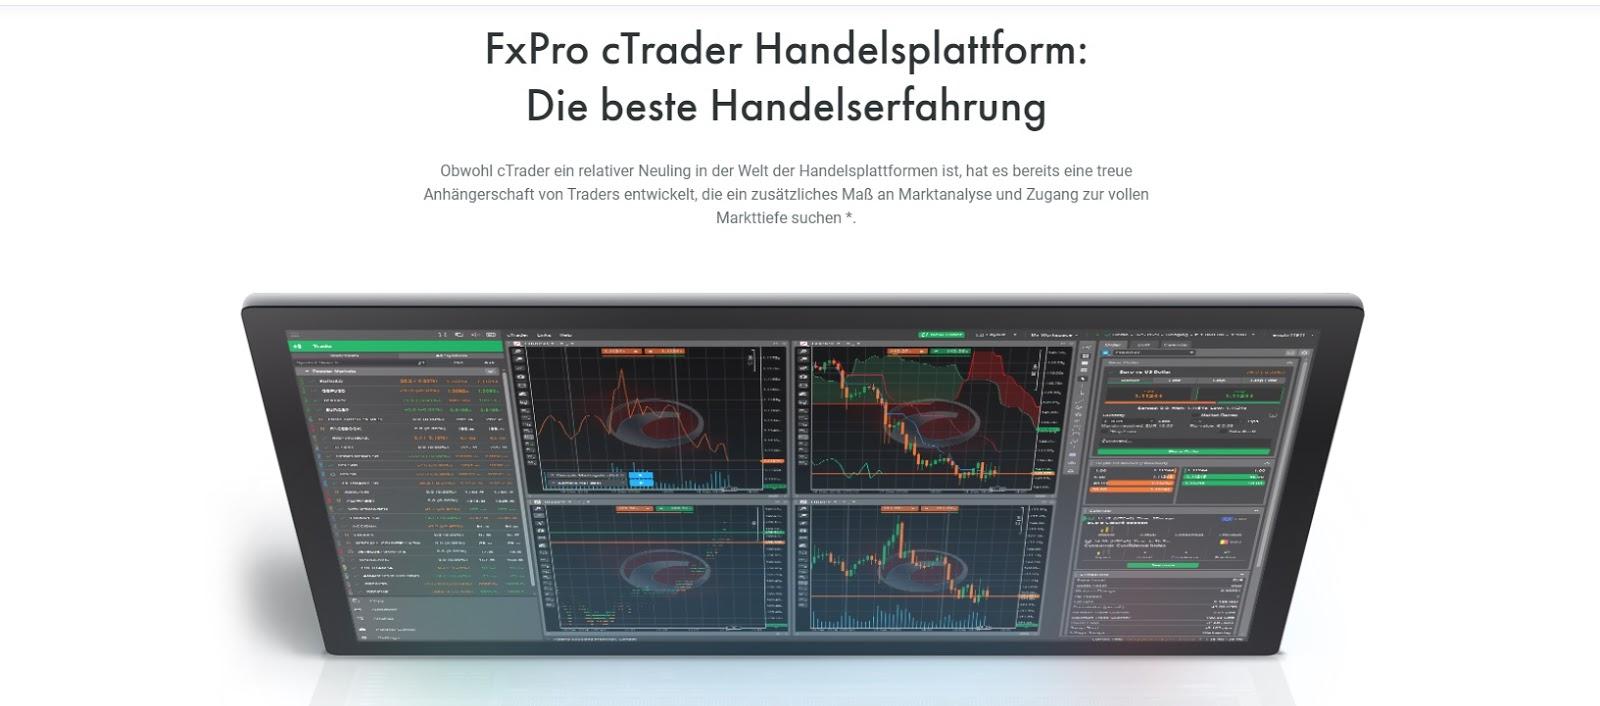 FxPro handelsplatform cTrader in één oogopslag